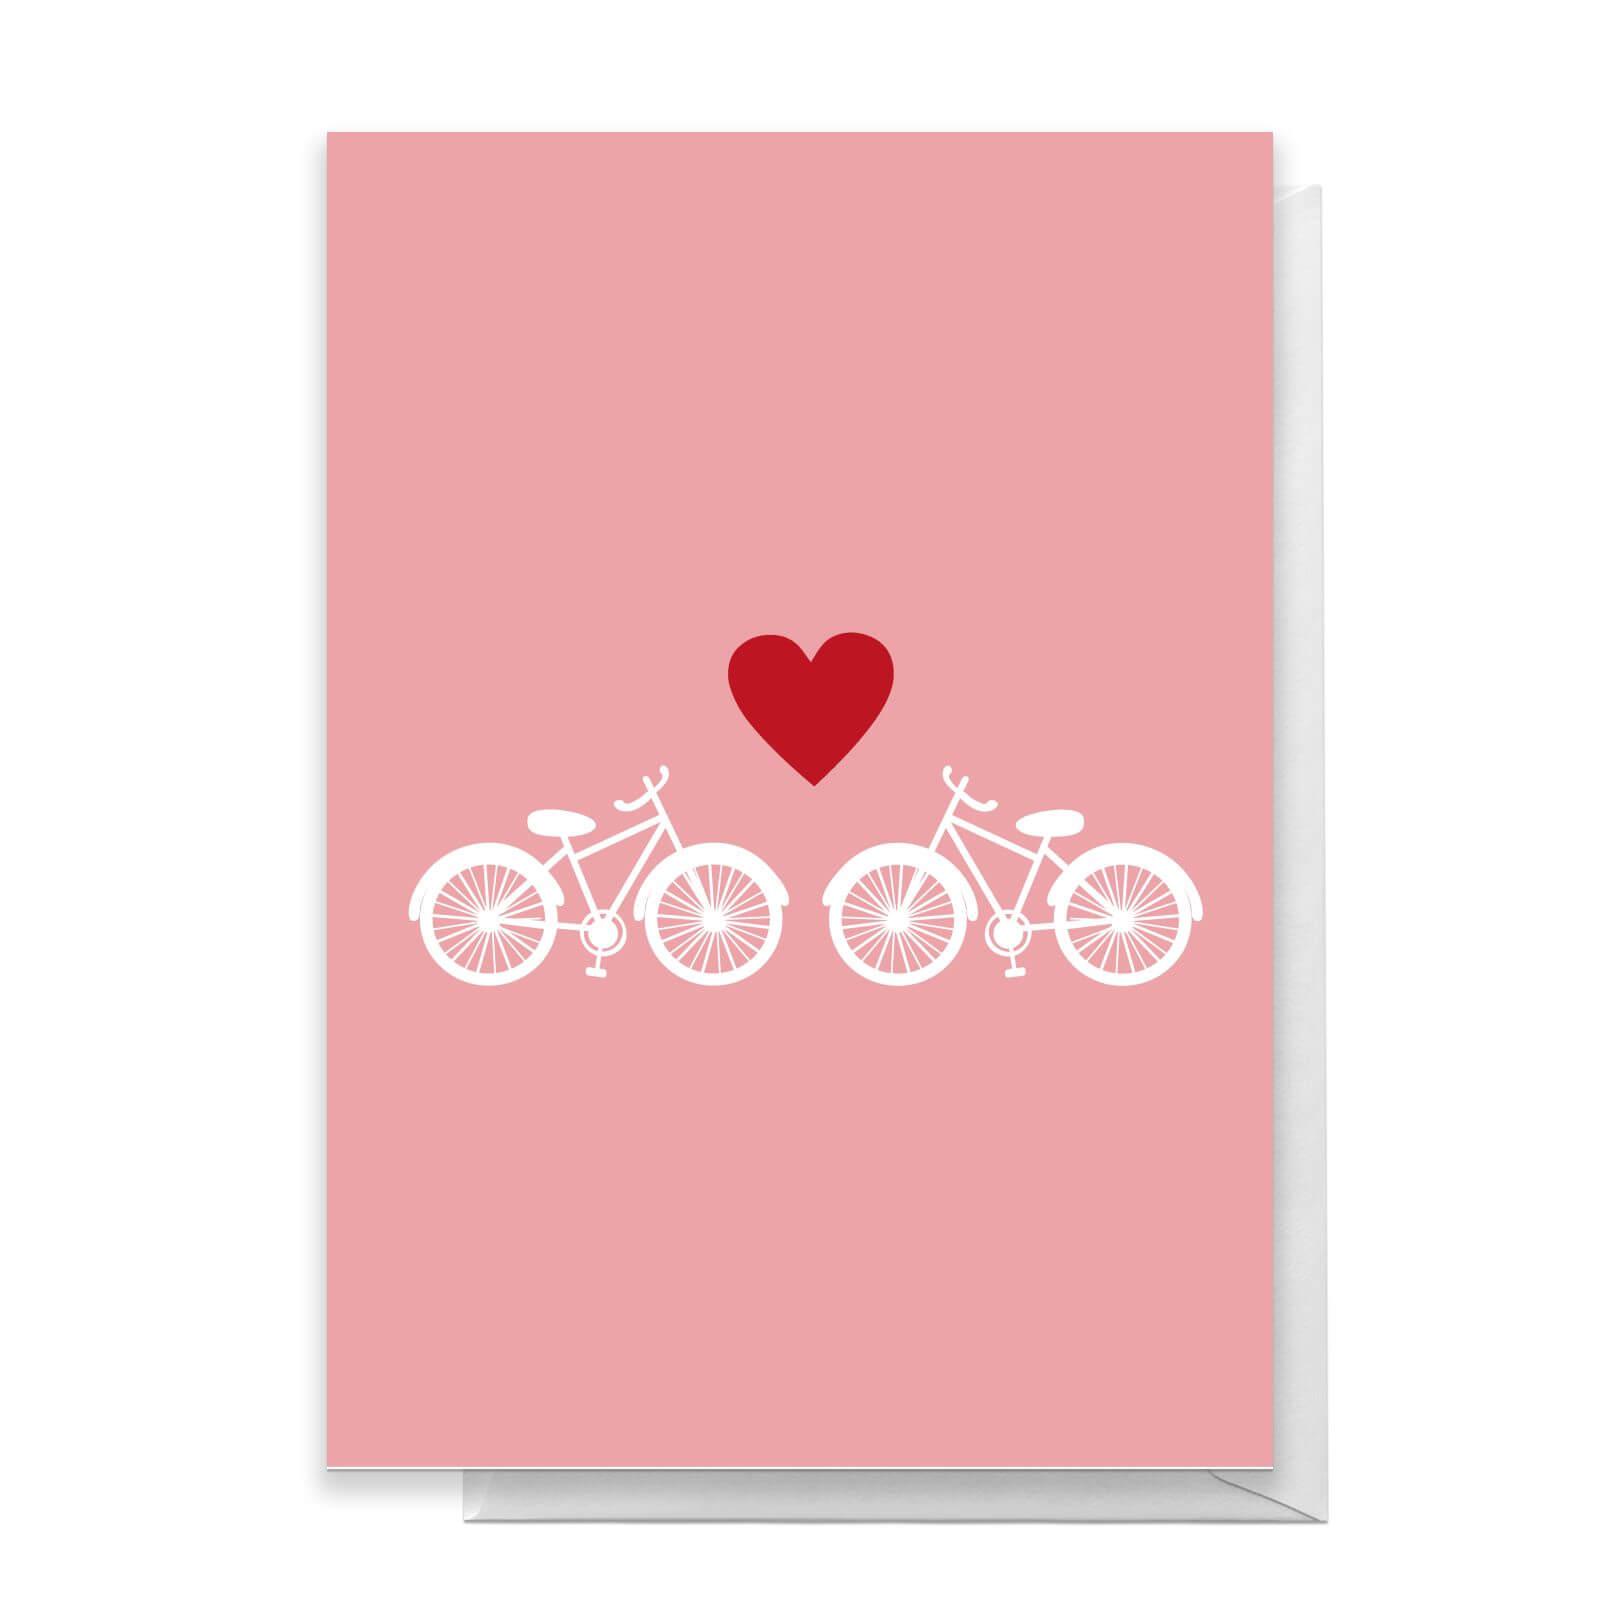 Bicycle Love Greetings Card   Standard Card